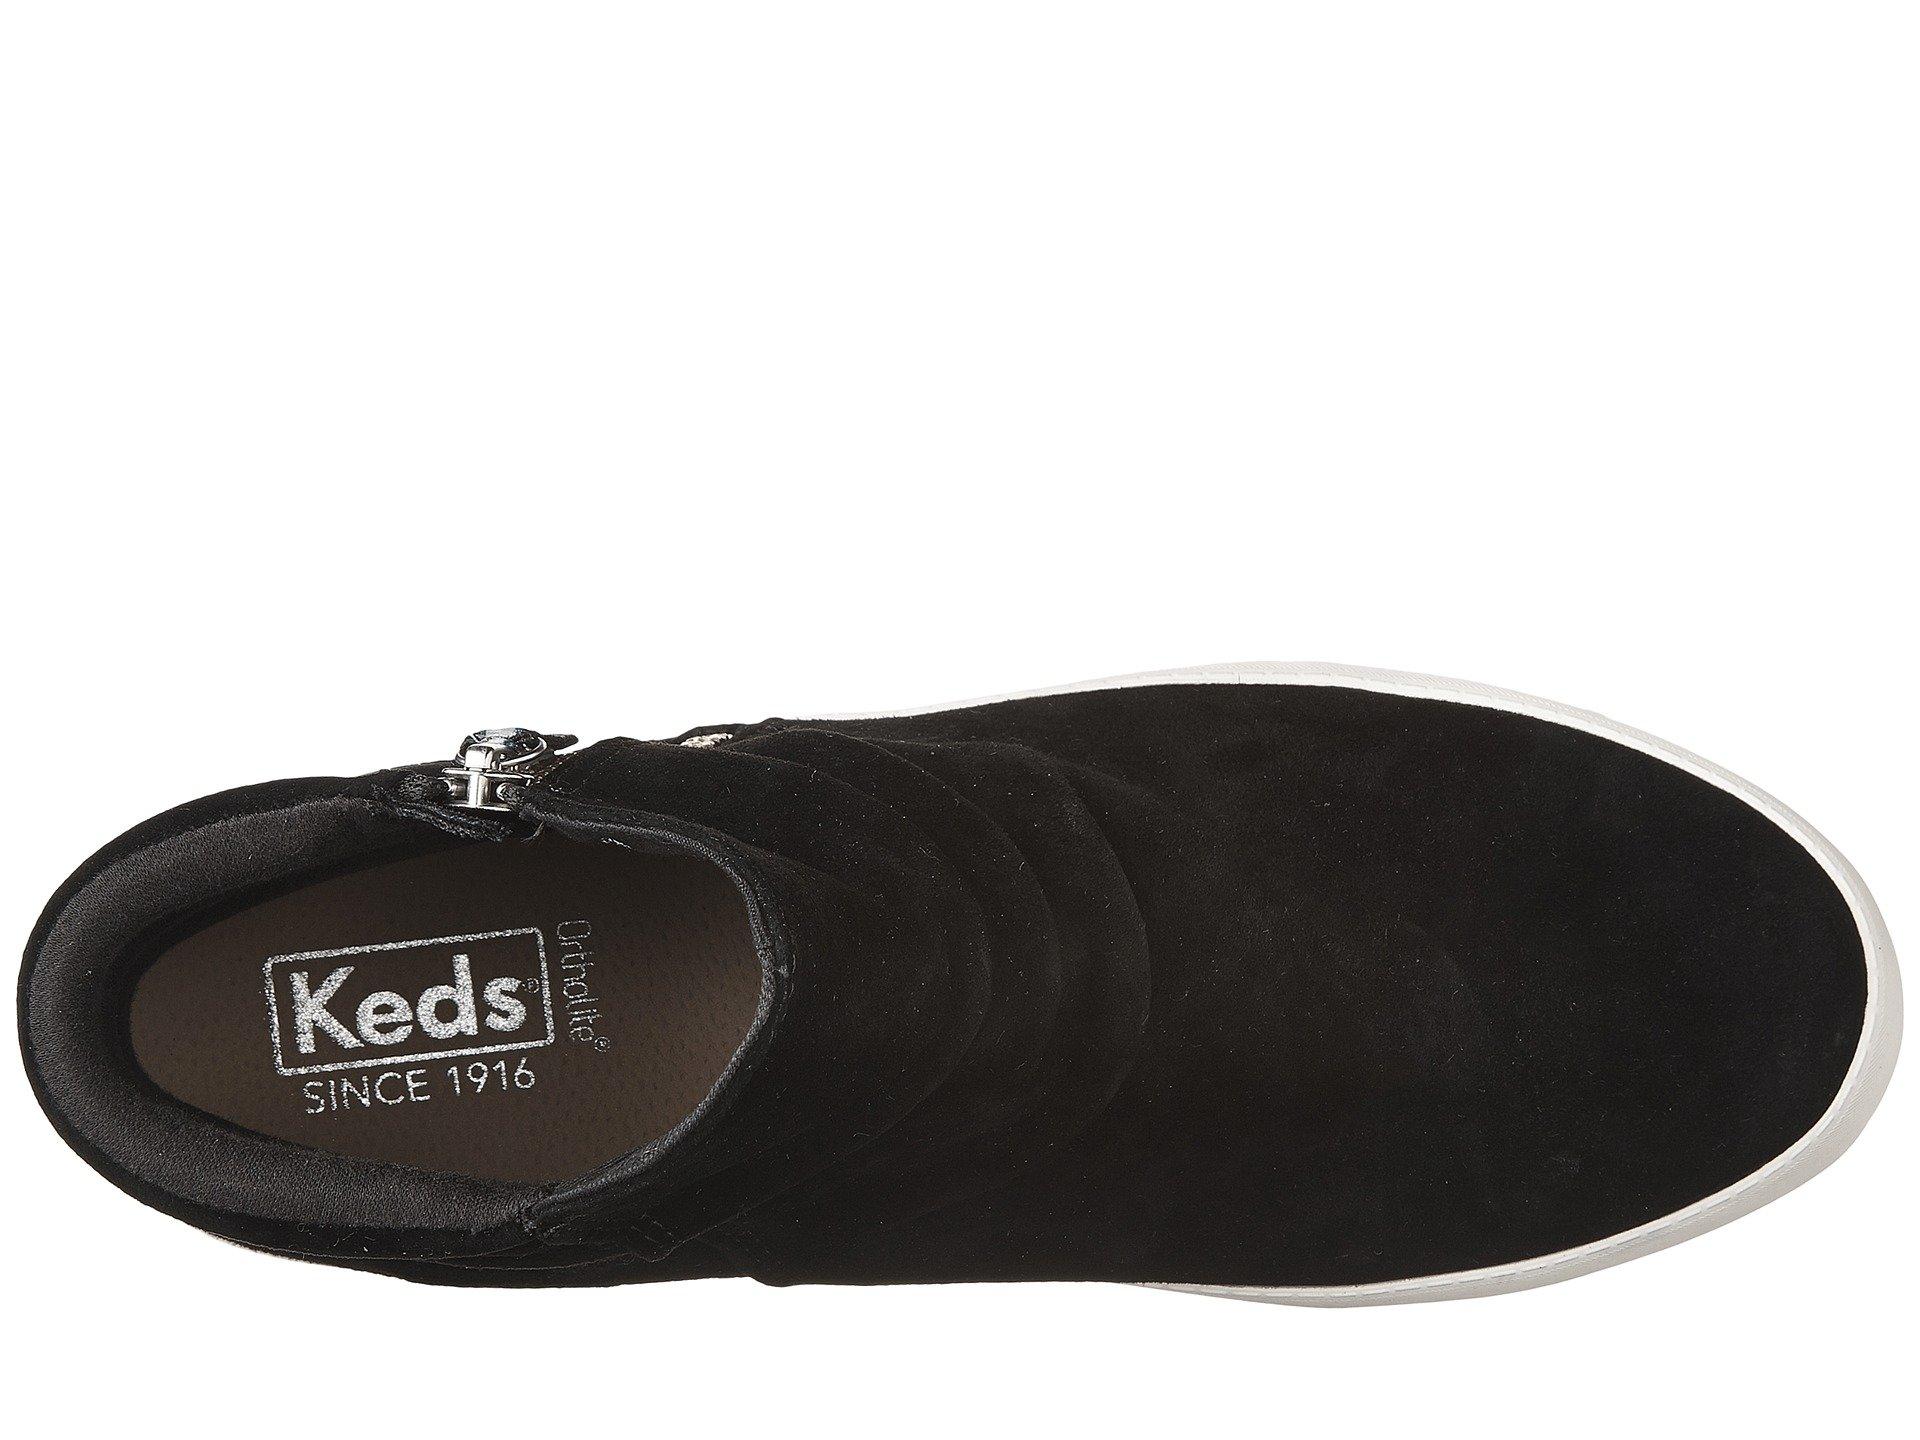 Keds Midtown Zip Suede Women S Shoes Black